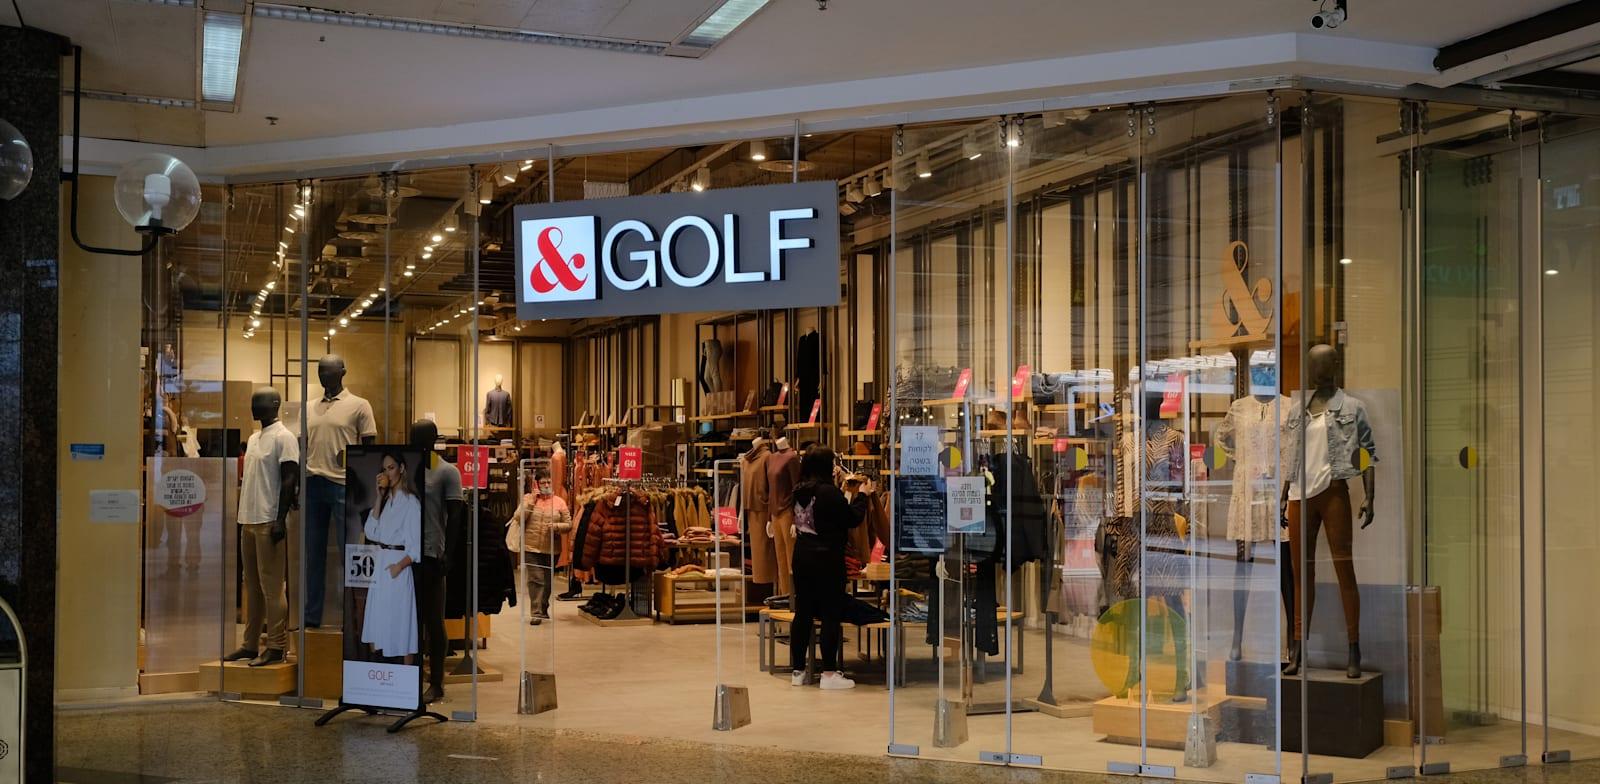 חנות גולף / צילום: איל יצהר